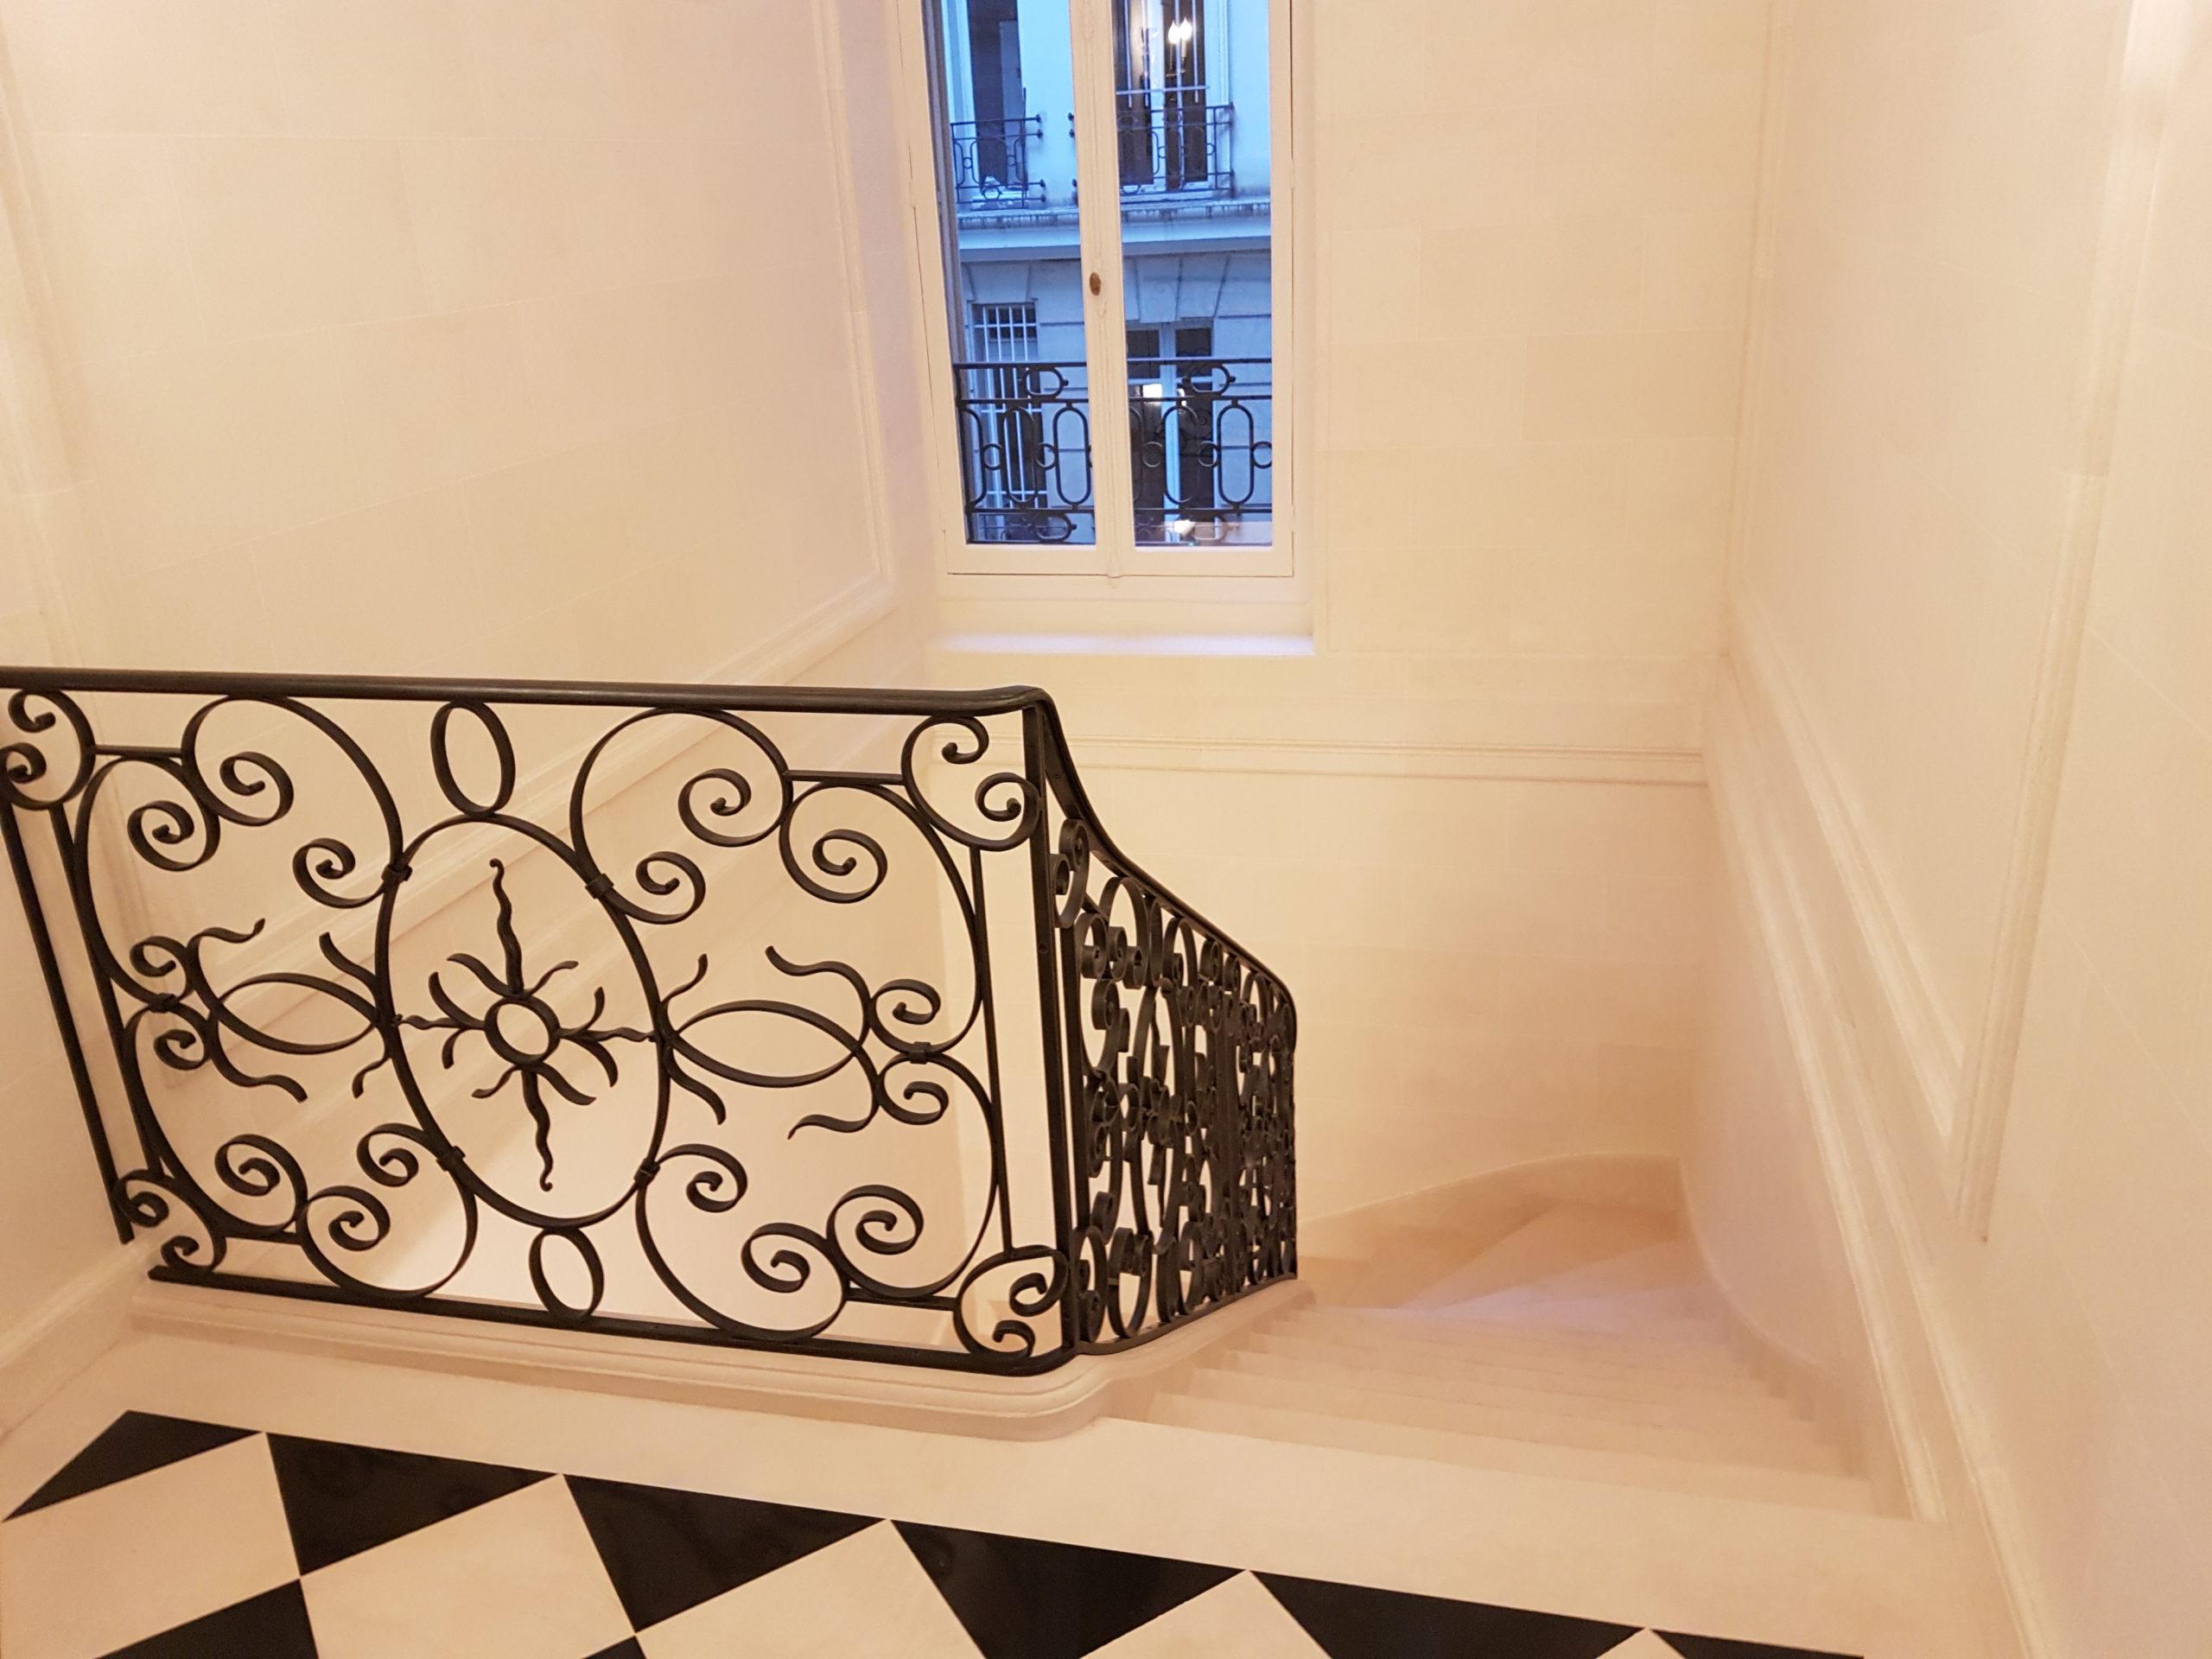 Très bel escalier